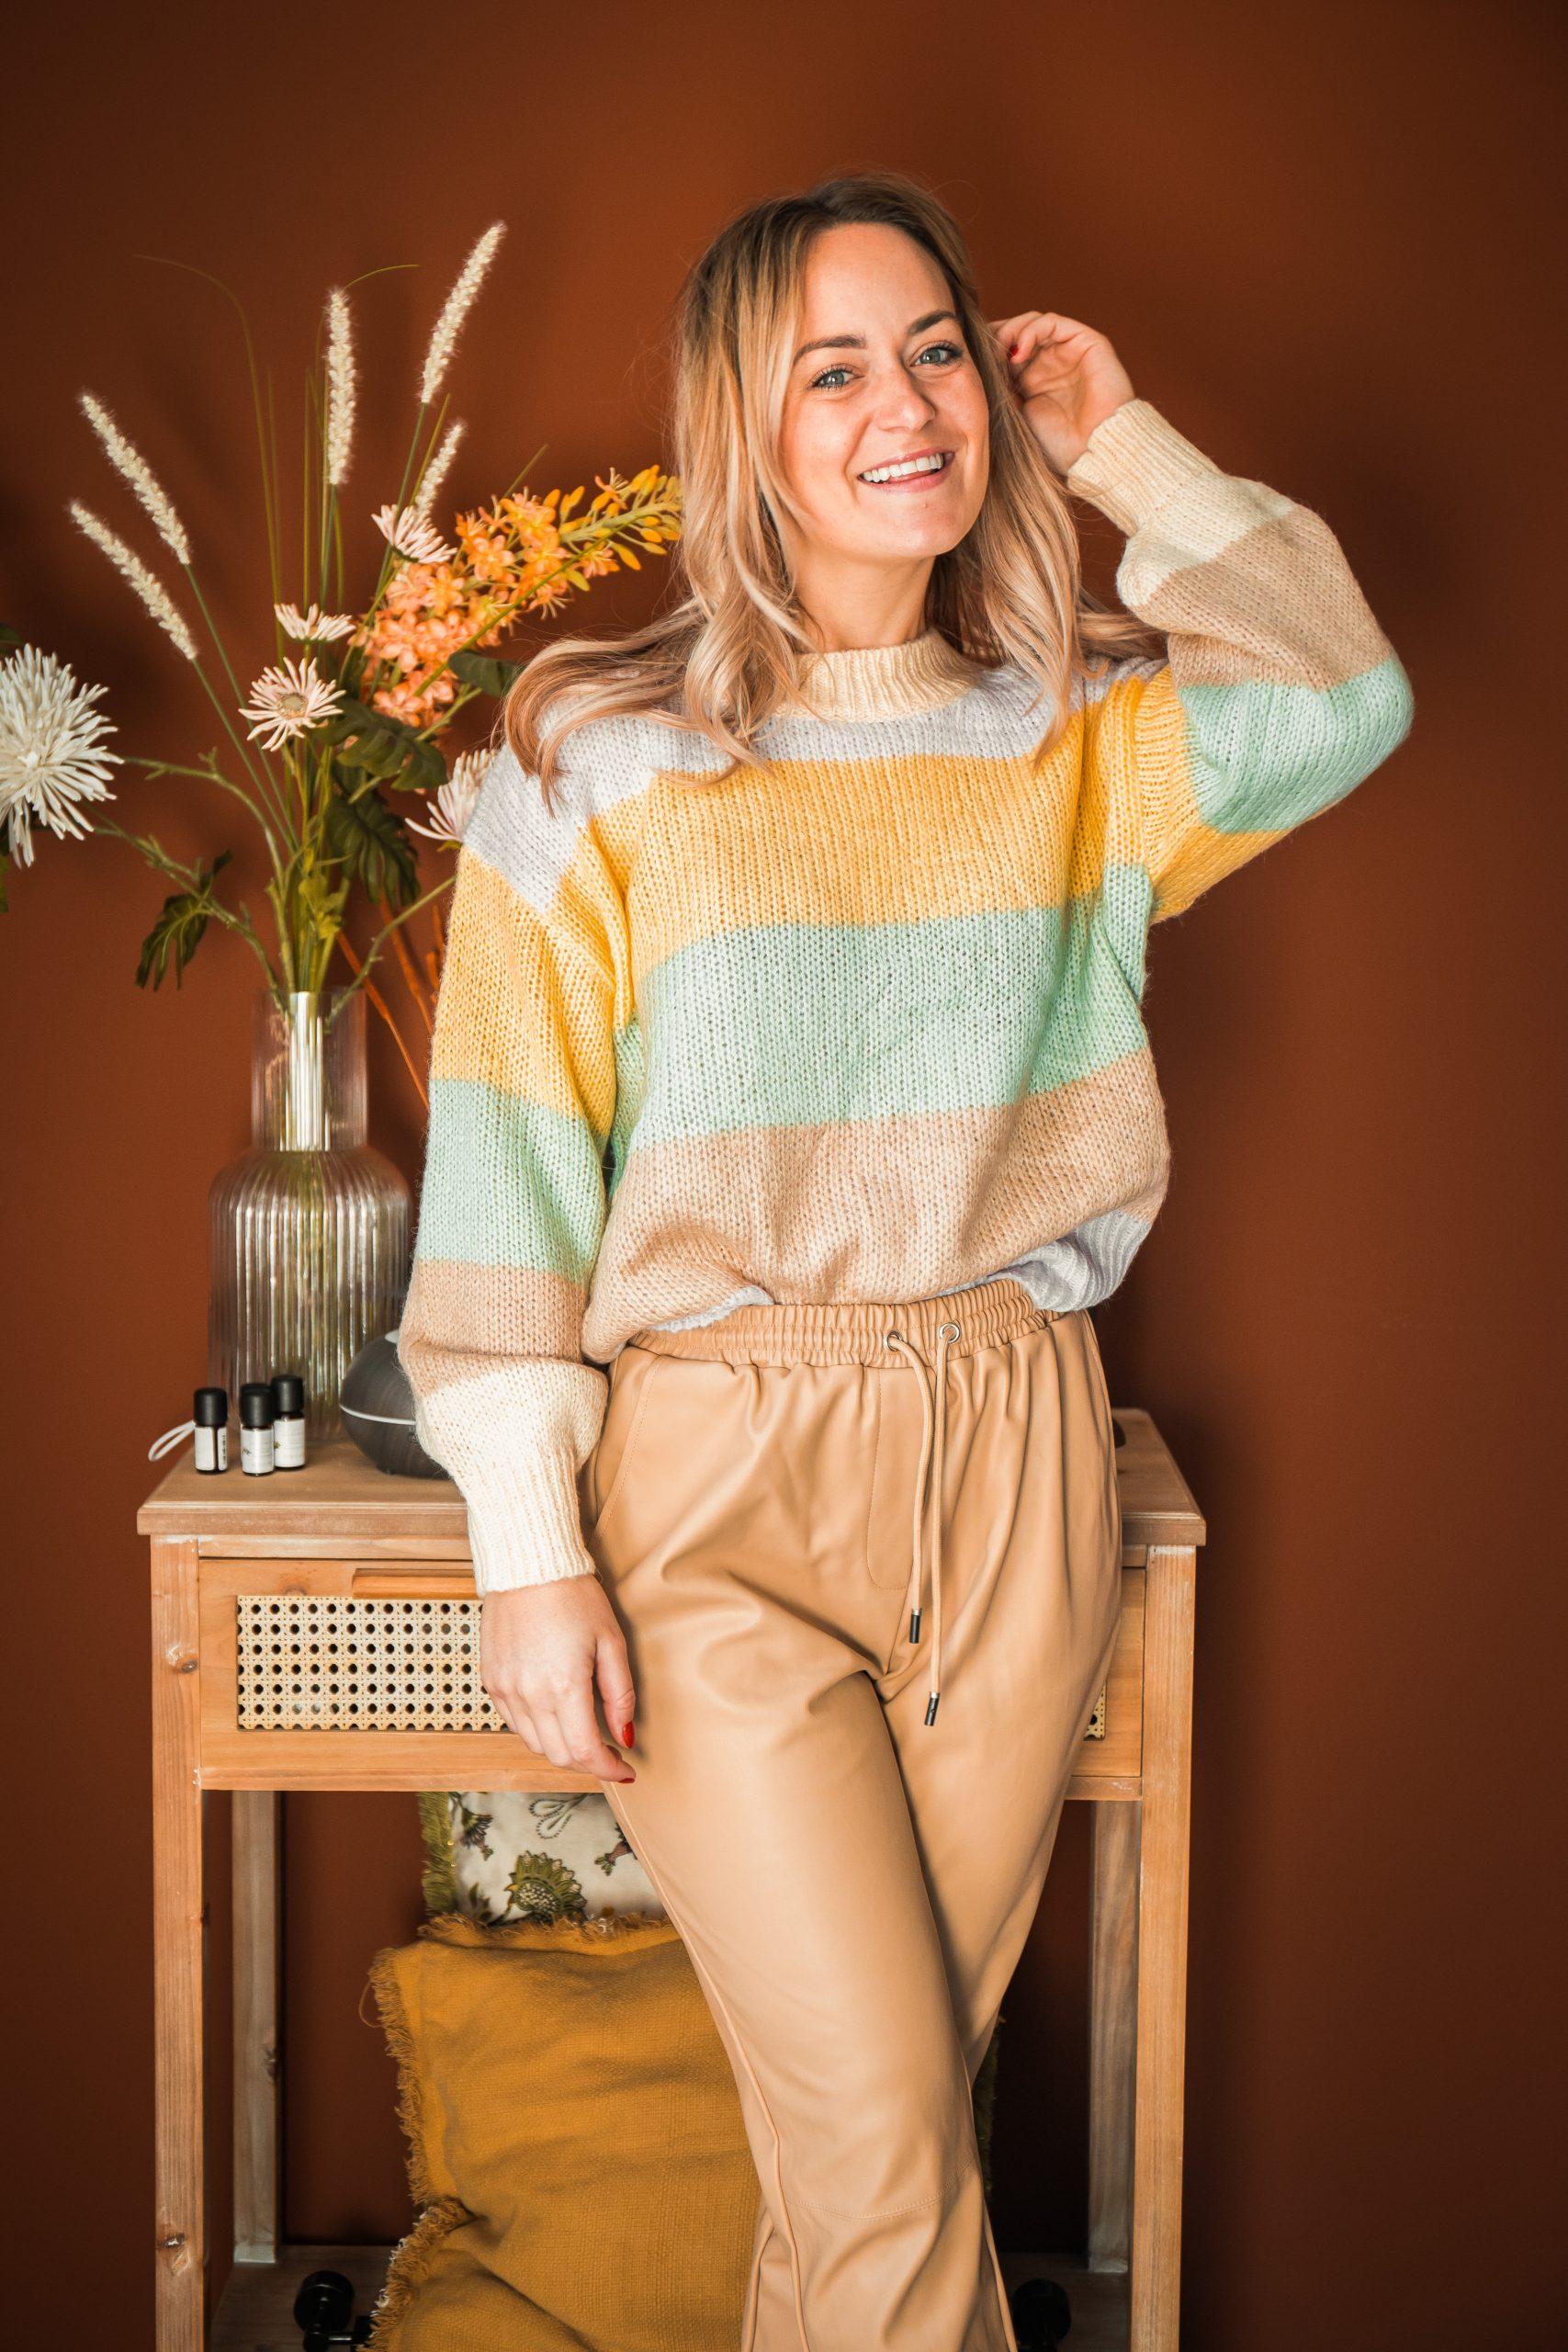 guts & gusto, pastel, beige, najaar, herfst, outfit, gutsgusto, leatherlook, leer, interieur, thuis